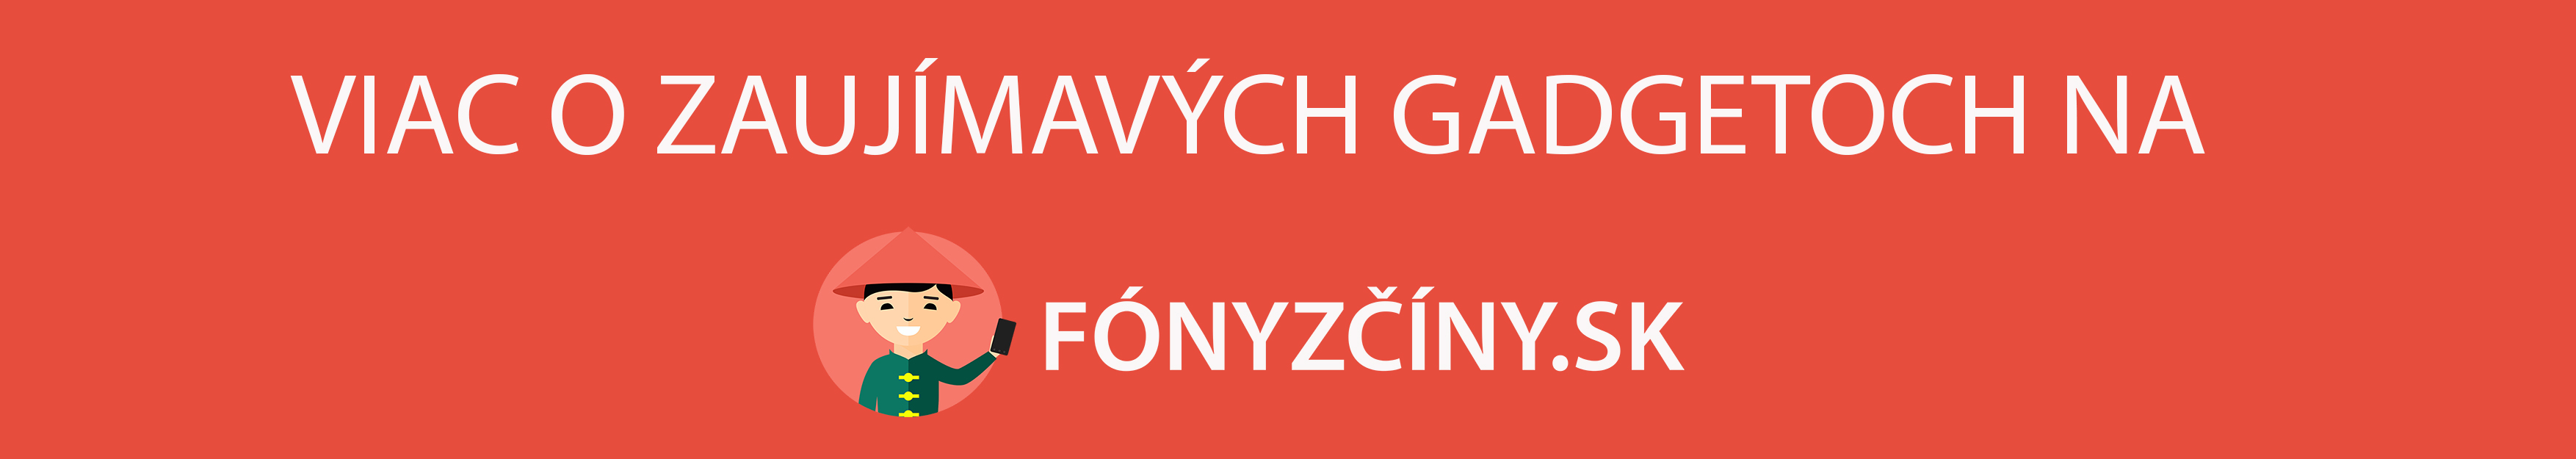 fony-z-ciny